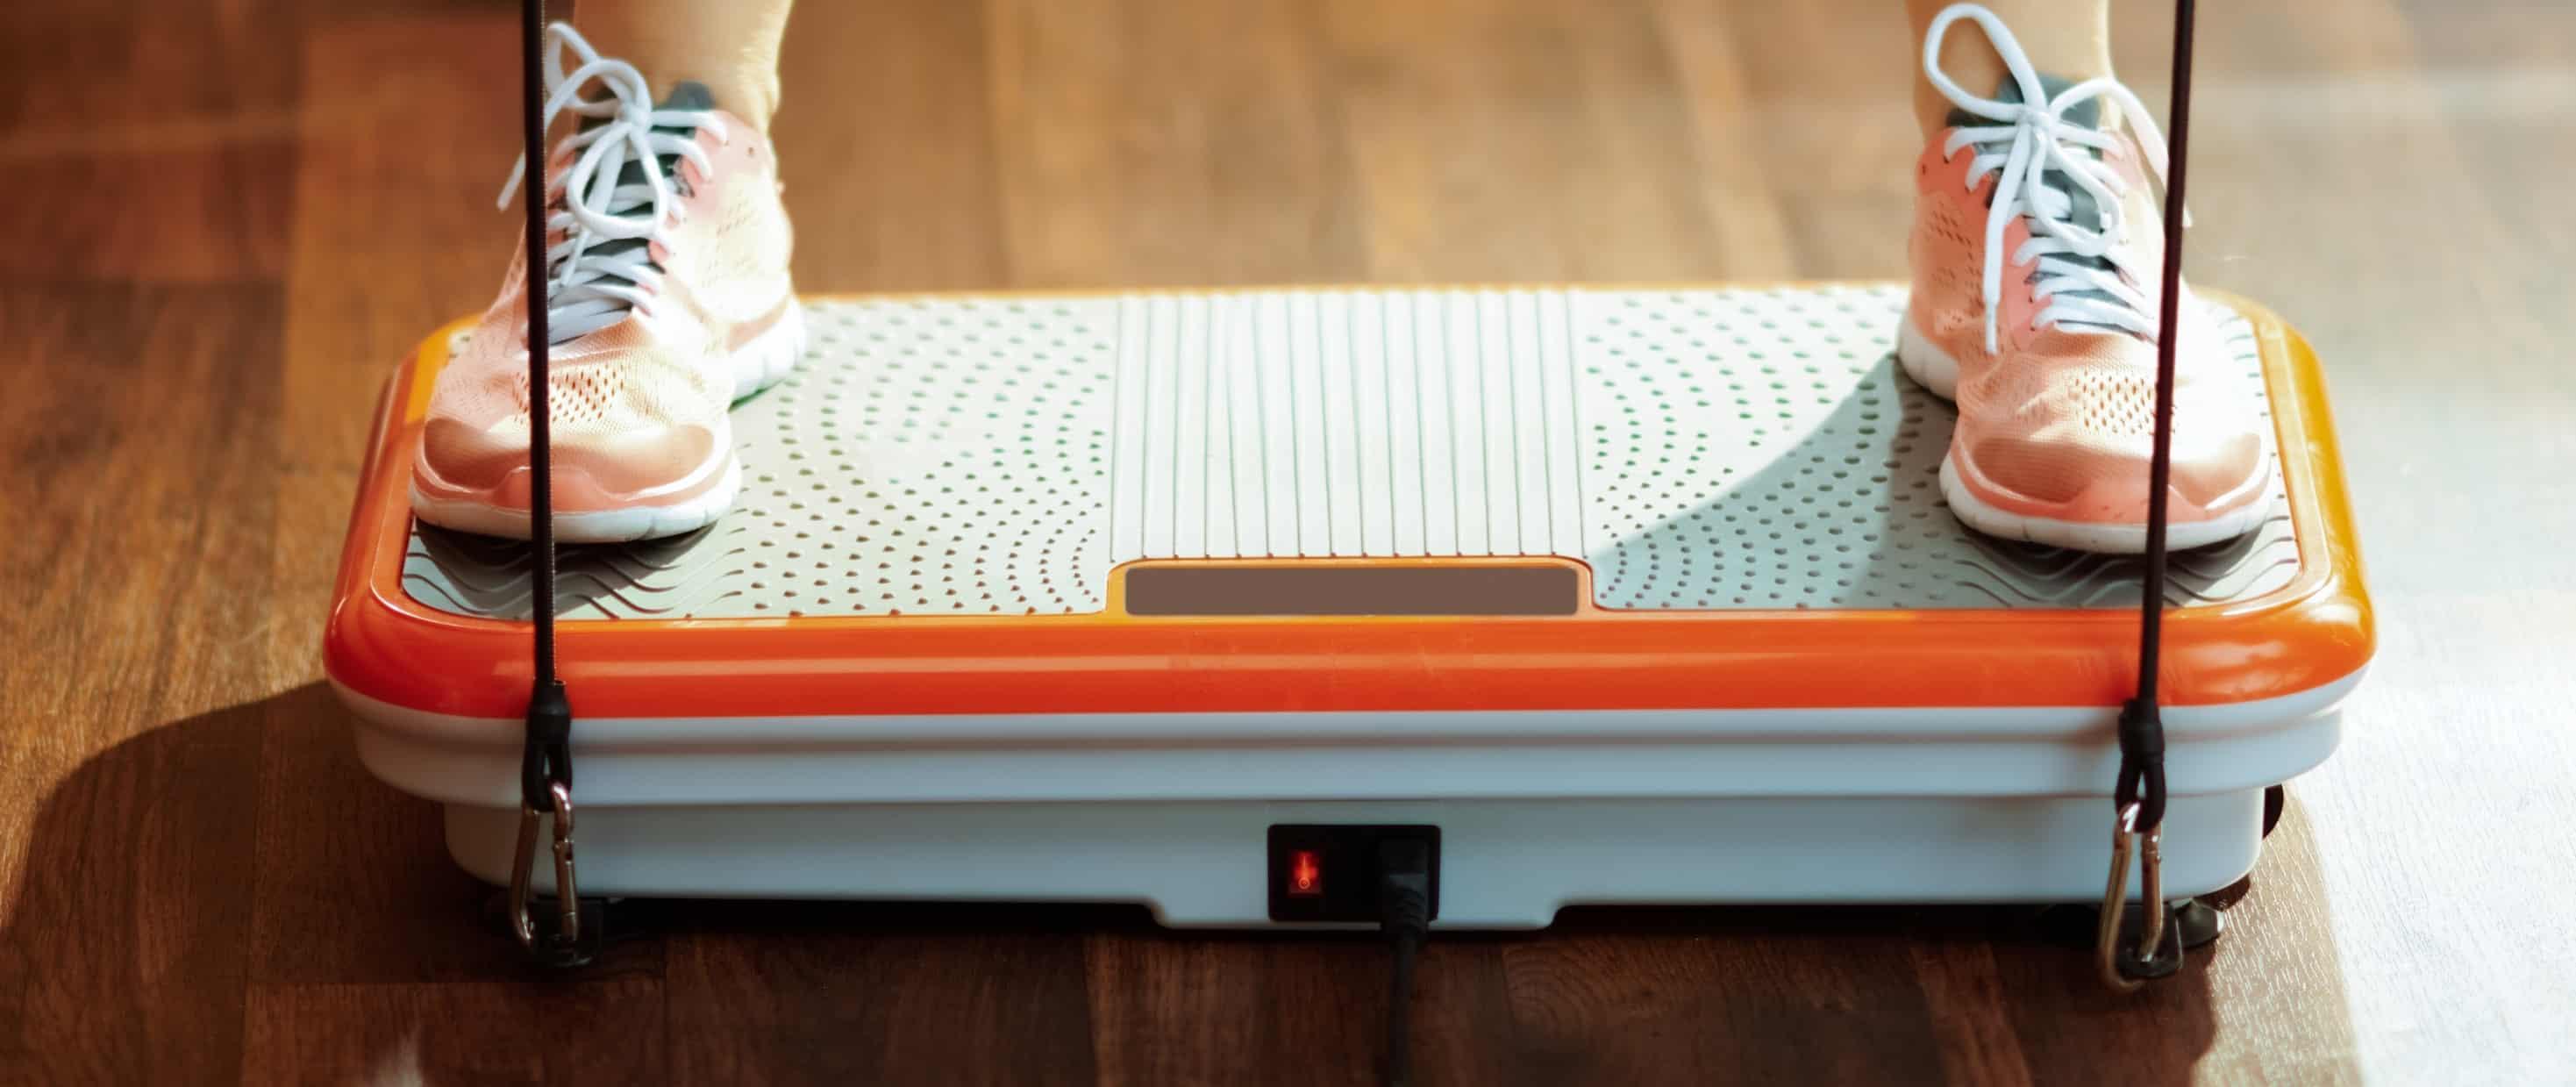 plataforma vibratoria bajar de peso